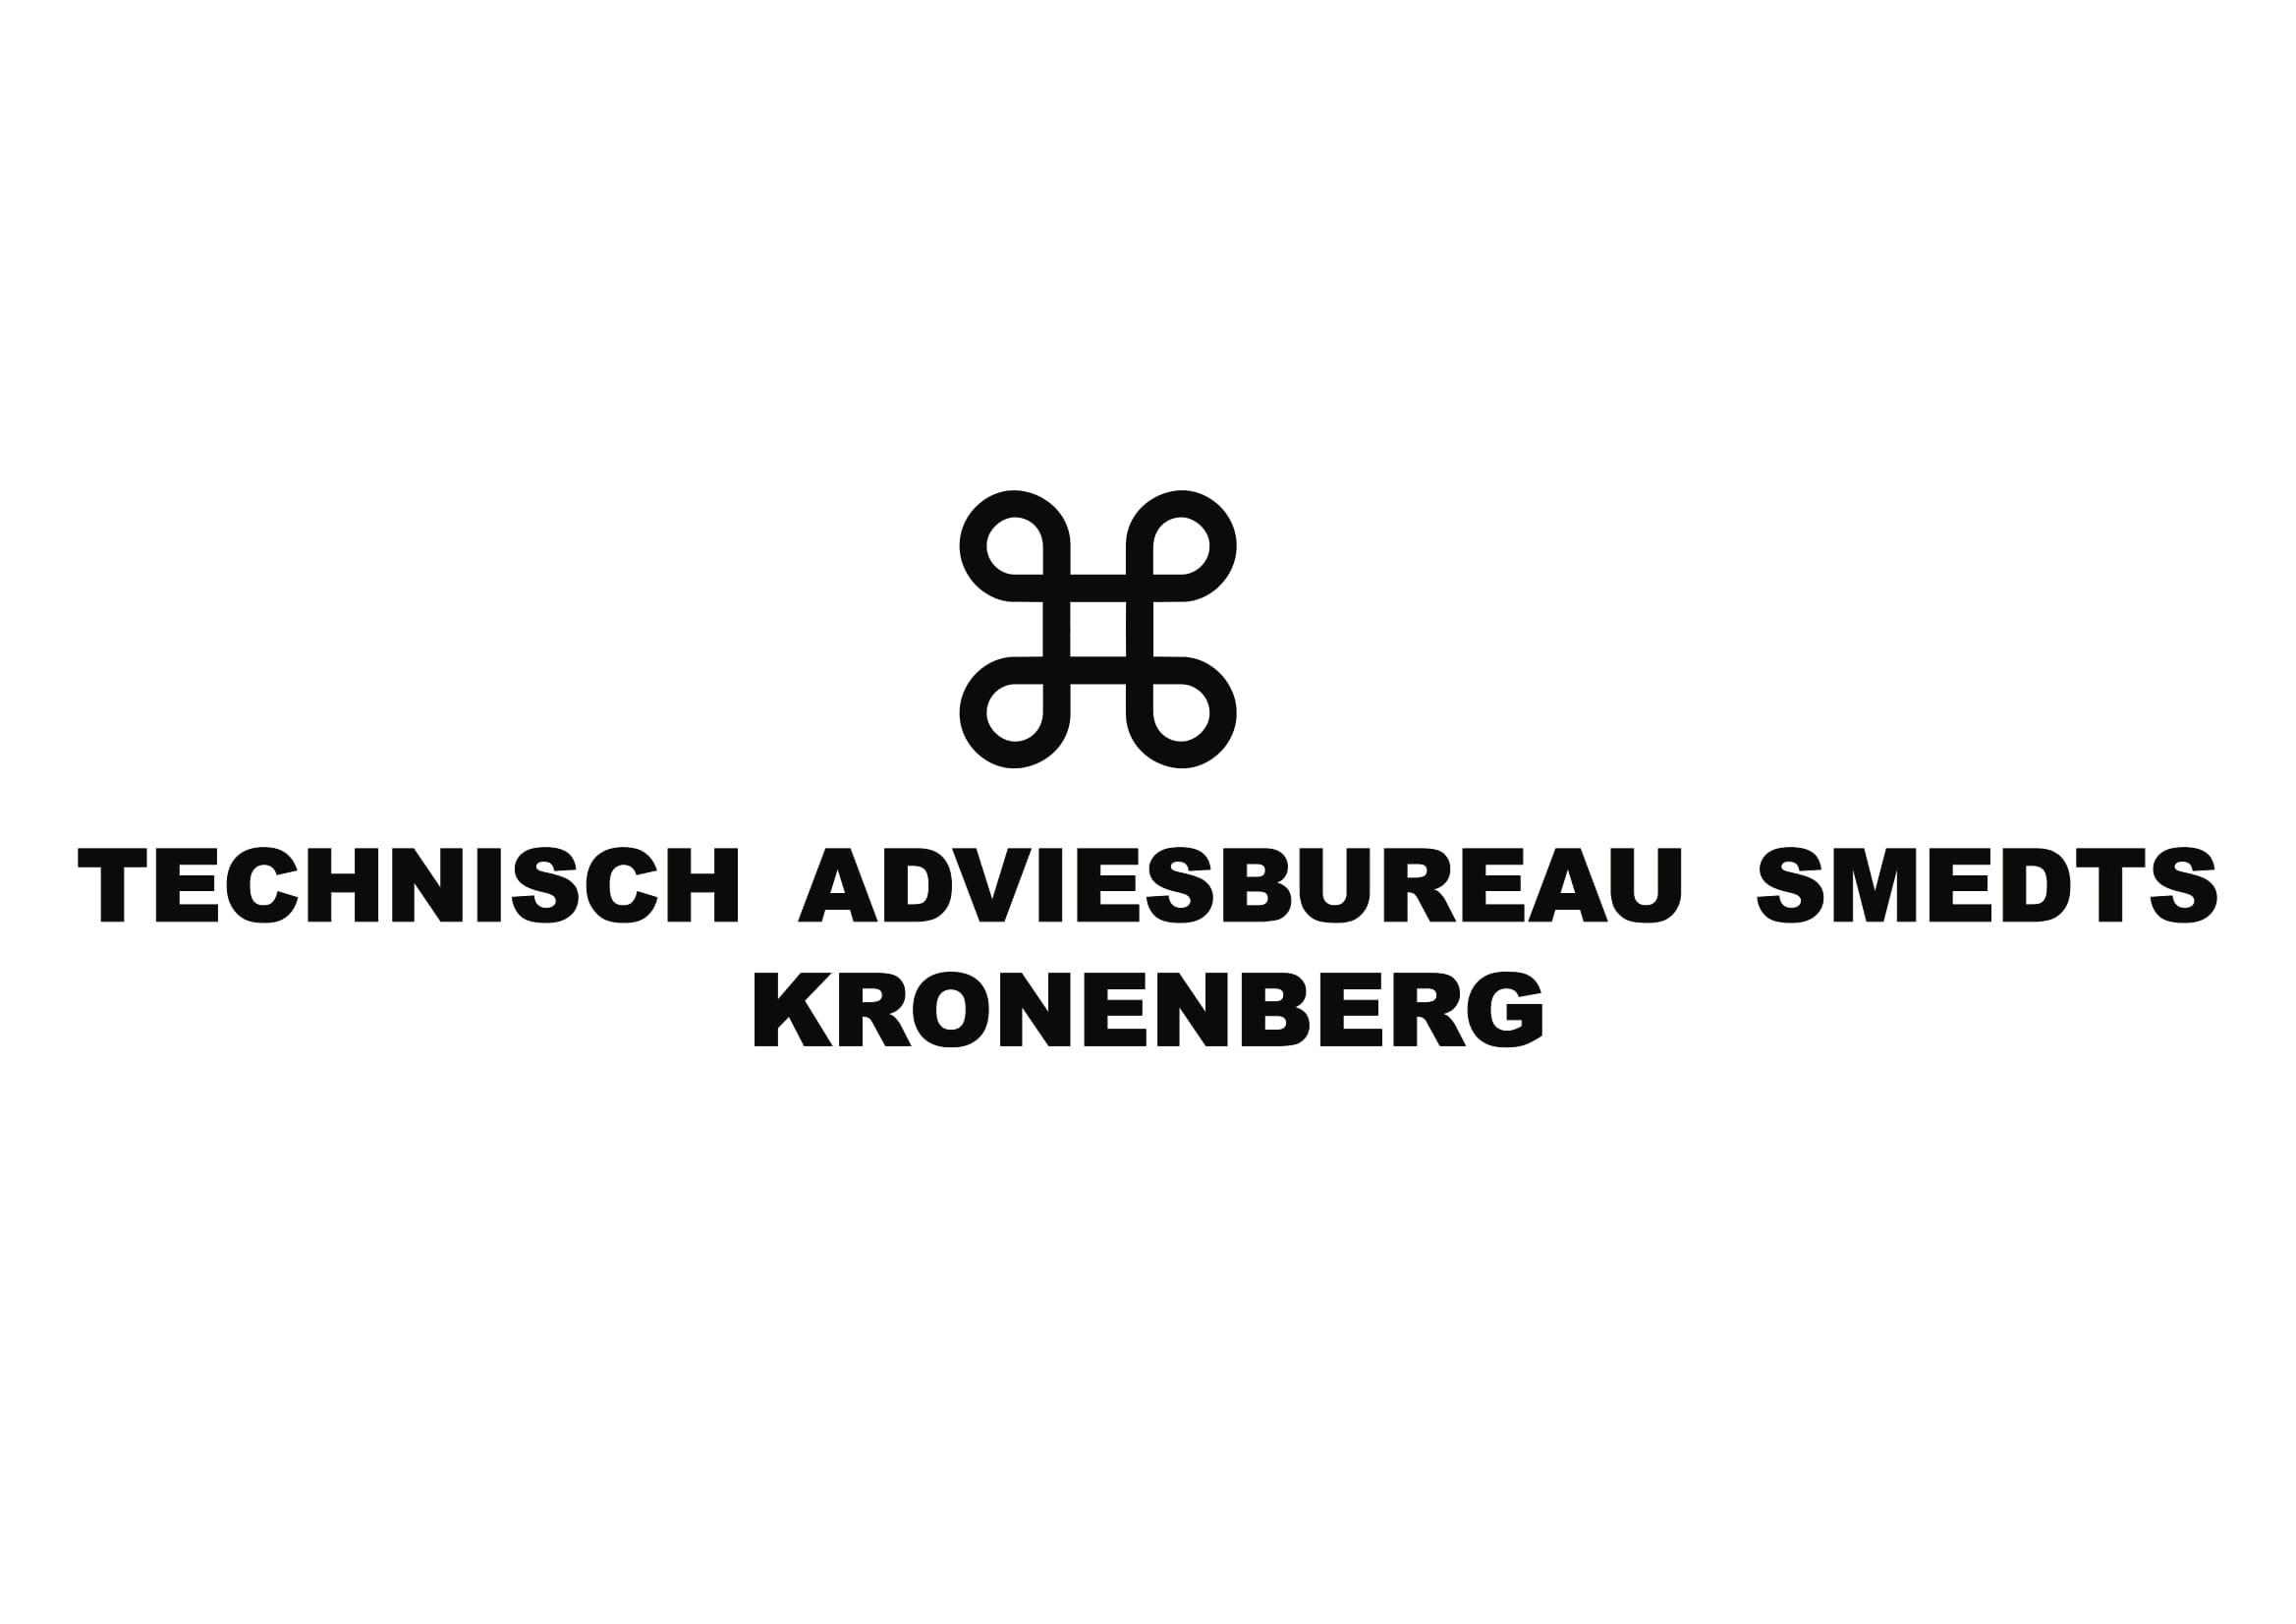 Technisch adiesbureau Smedts